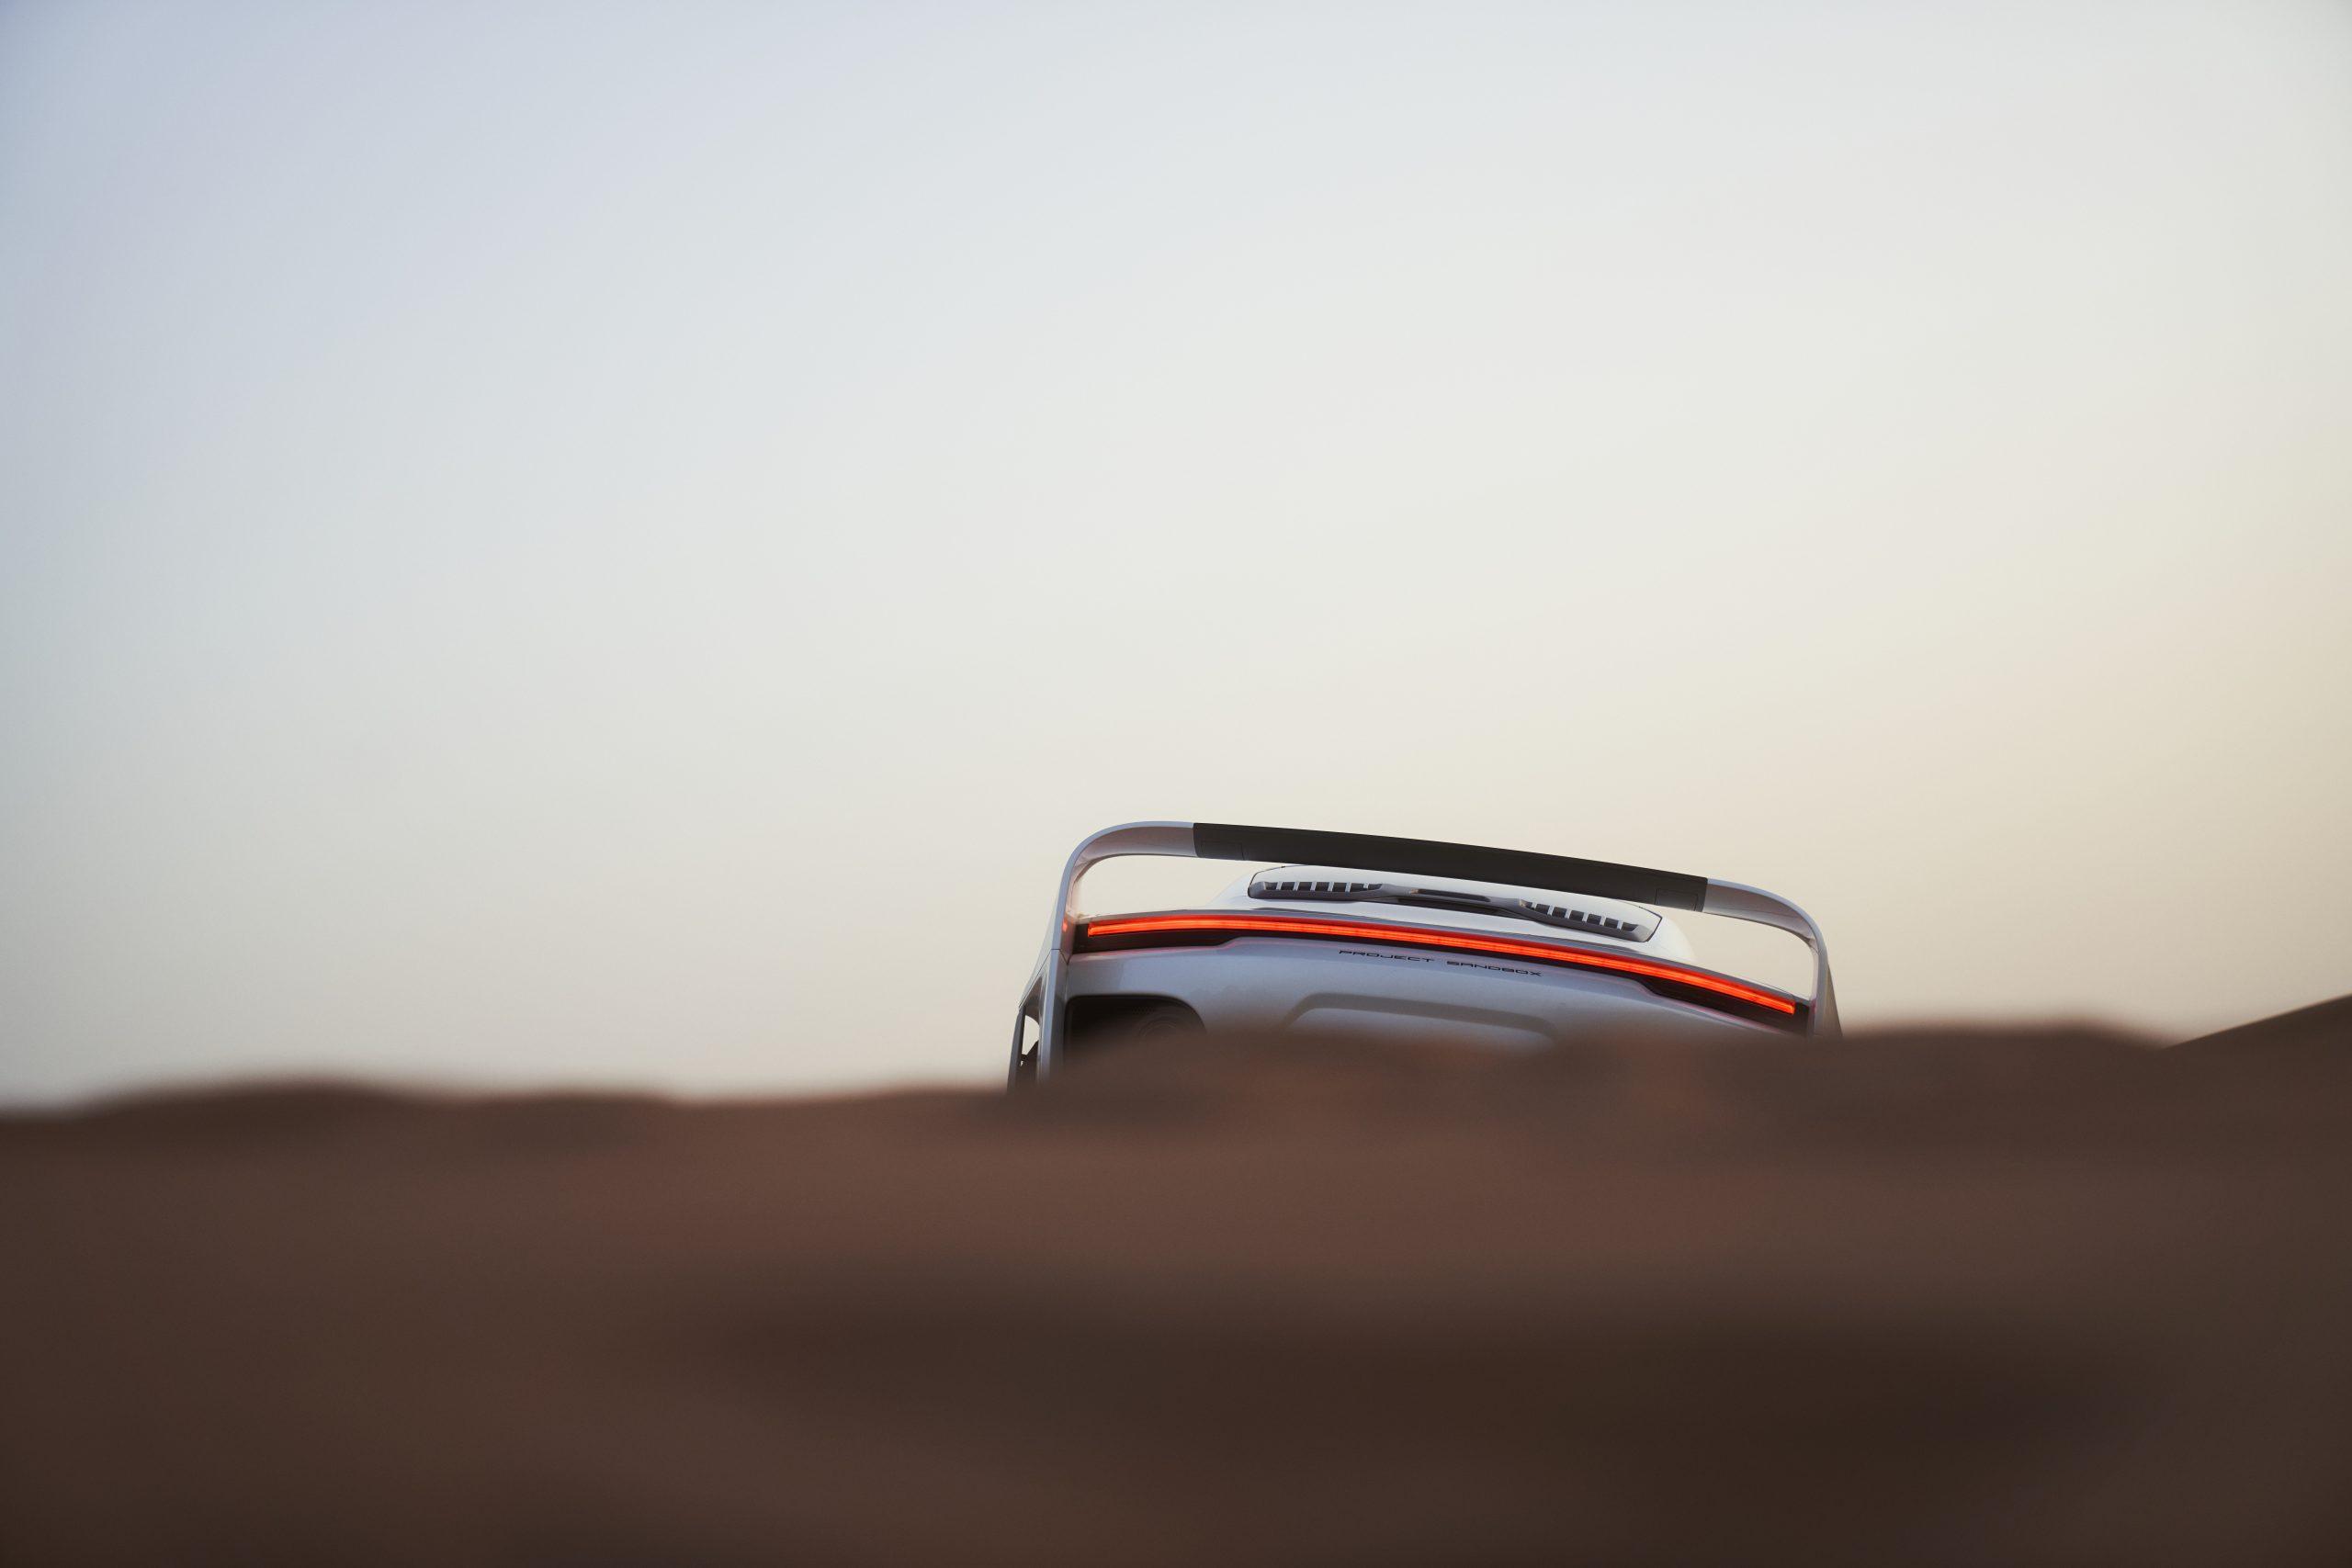 Gemballa Marsien rear wing over dune